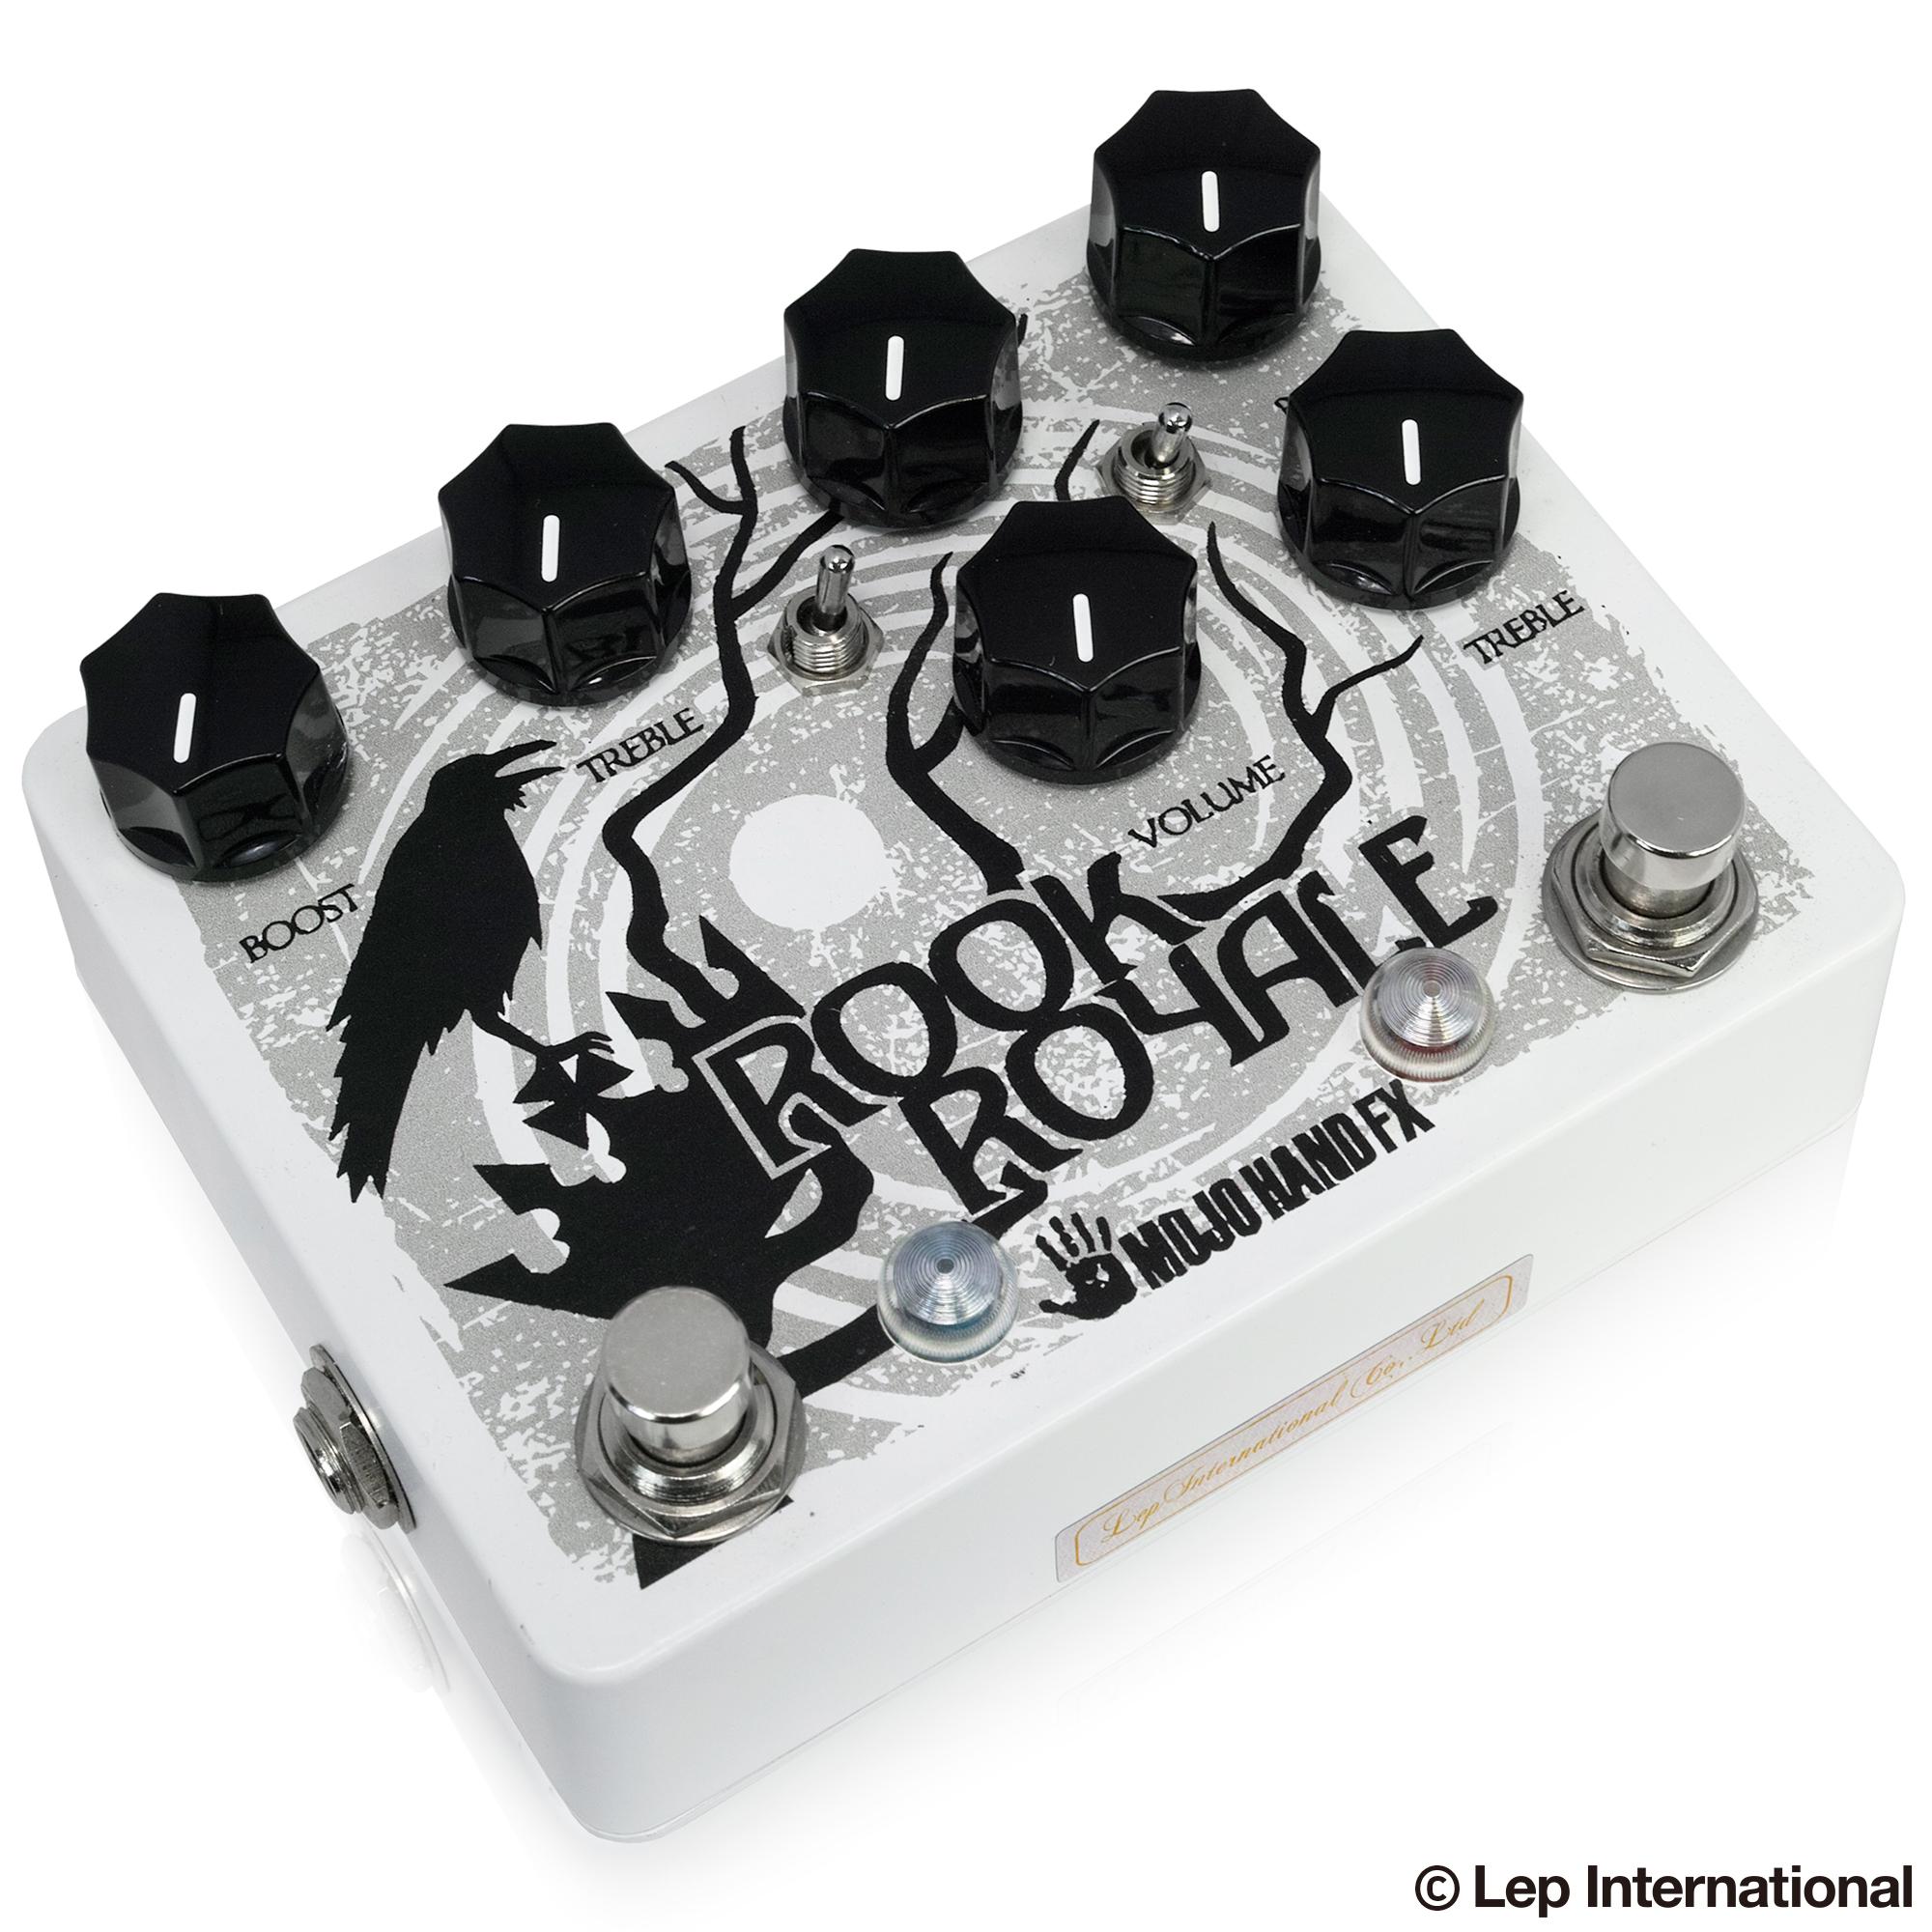 Rook-Royale-03.jpg